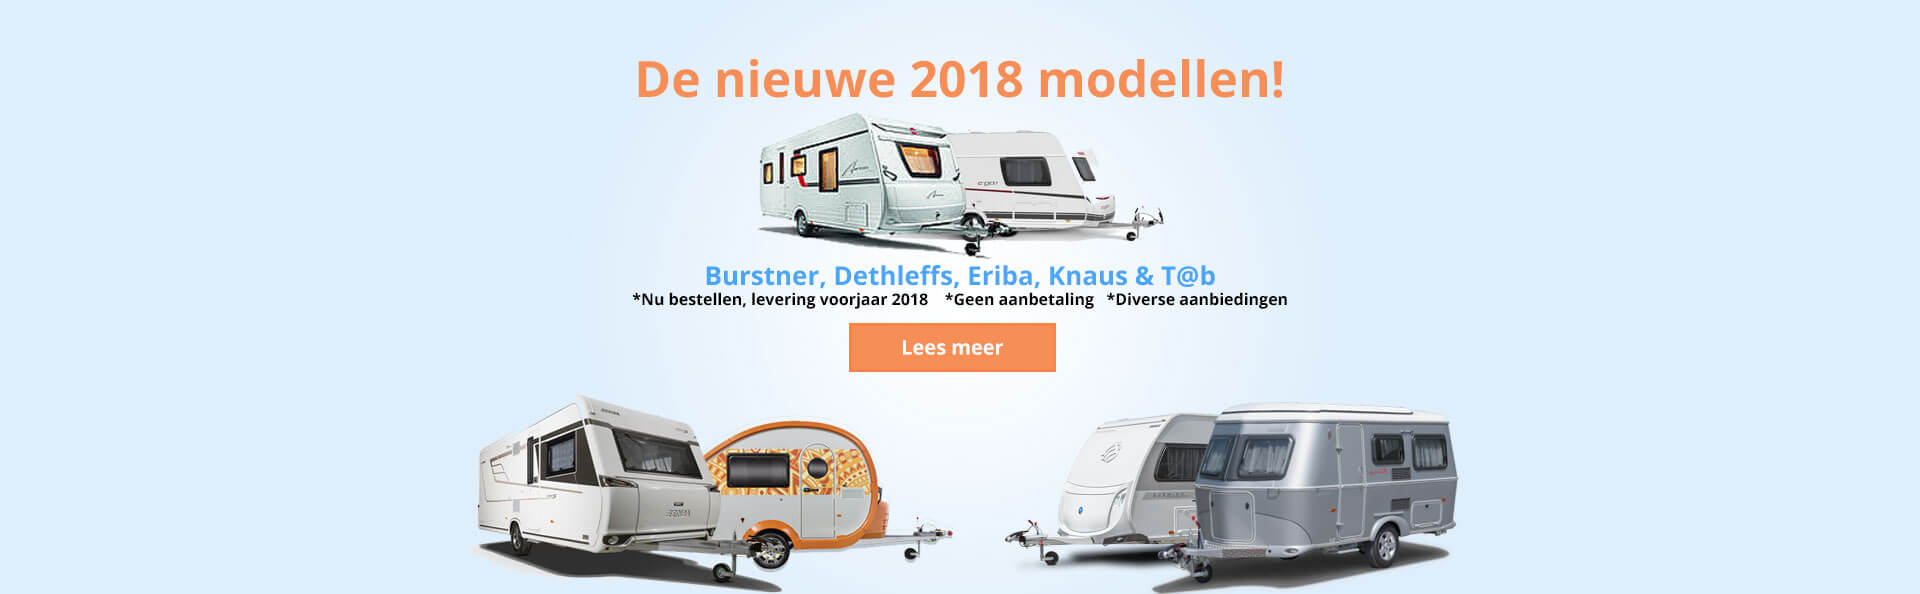 slide-nieuwe-2018-modellen